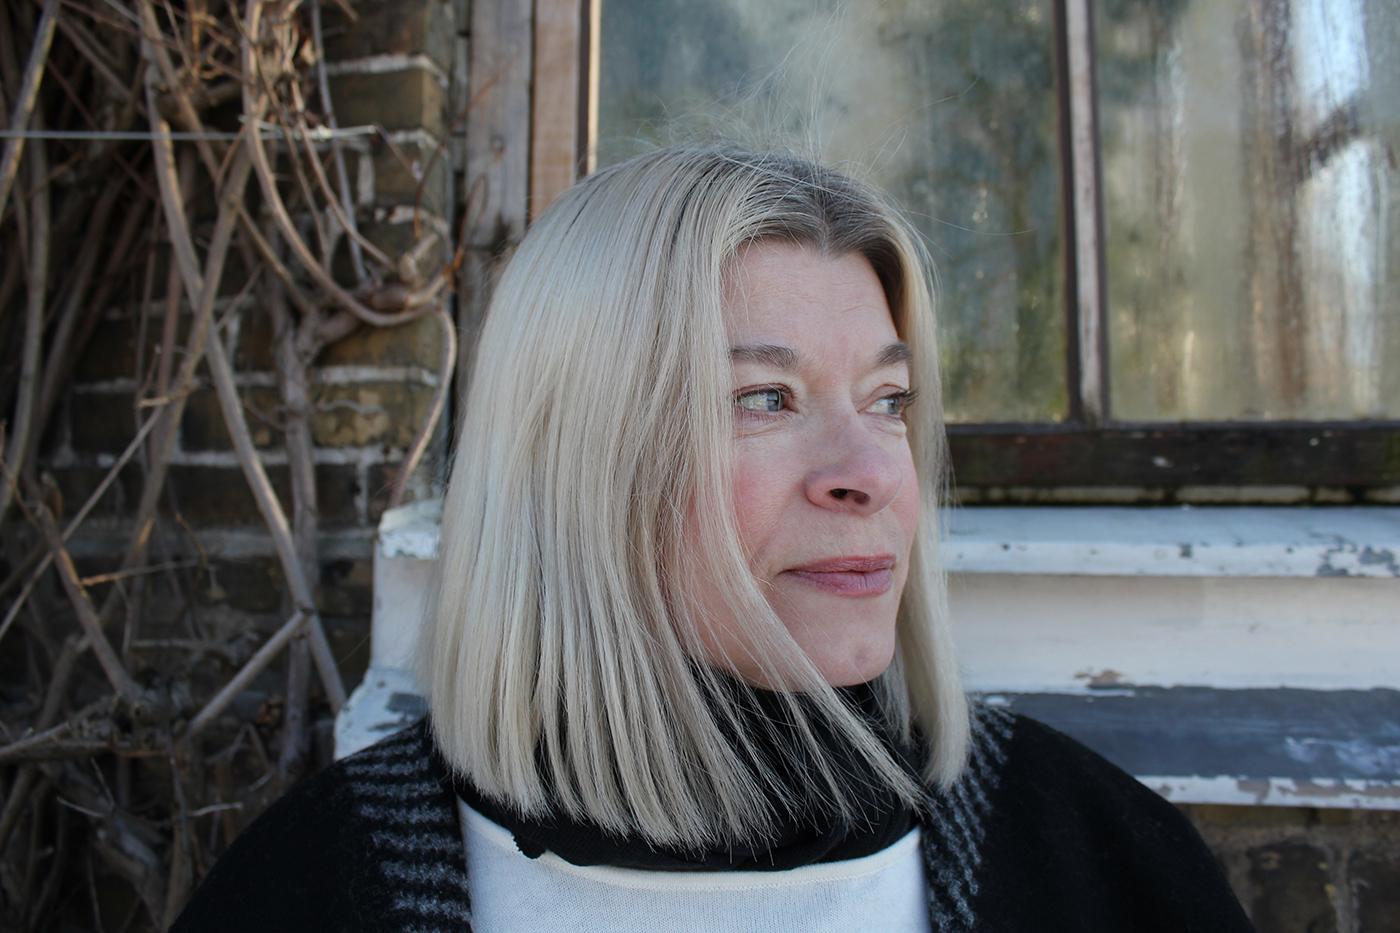 """Mia Berg, som riskerade att dö av felbehandlingar på akuten i Malmö dömer ut dagens säkerhetsarbete: """"Det primära syftet med föreningen PatientPerspektiv är att ge hjälp och stöd åt vårdskadade och deras anhöriga genom att hjälpa till i anmälningsprocessen och publicera patientberättelser som kan få politikerna att vakna"""", berättar Mia Berg."""